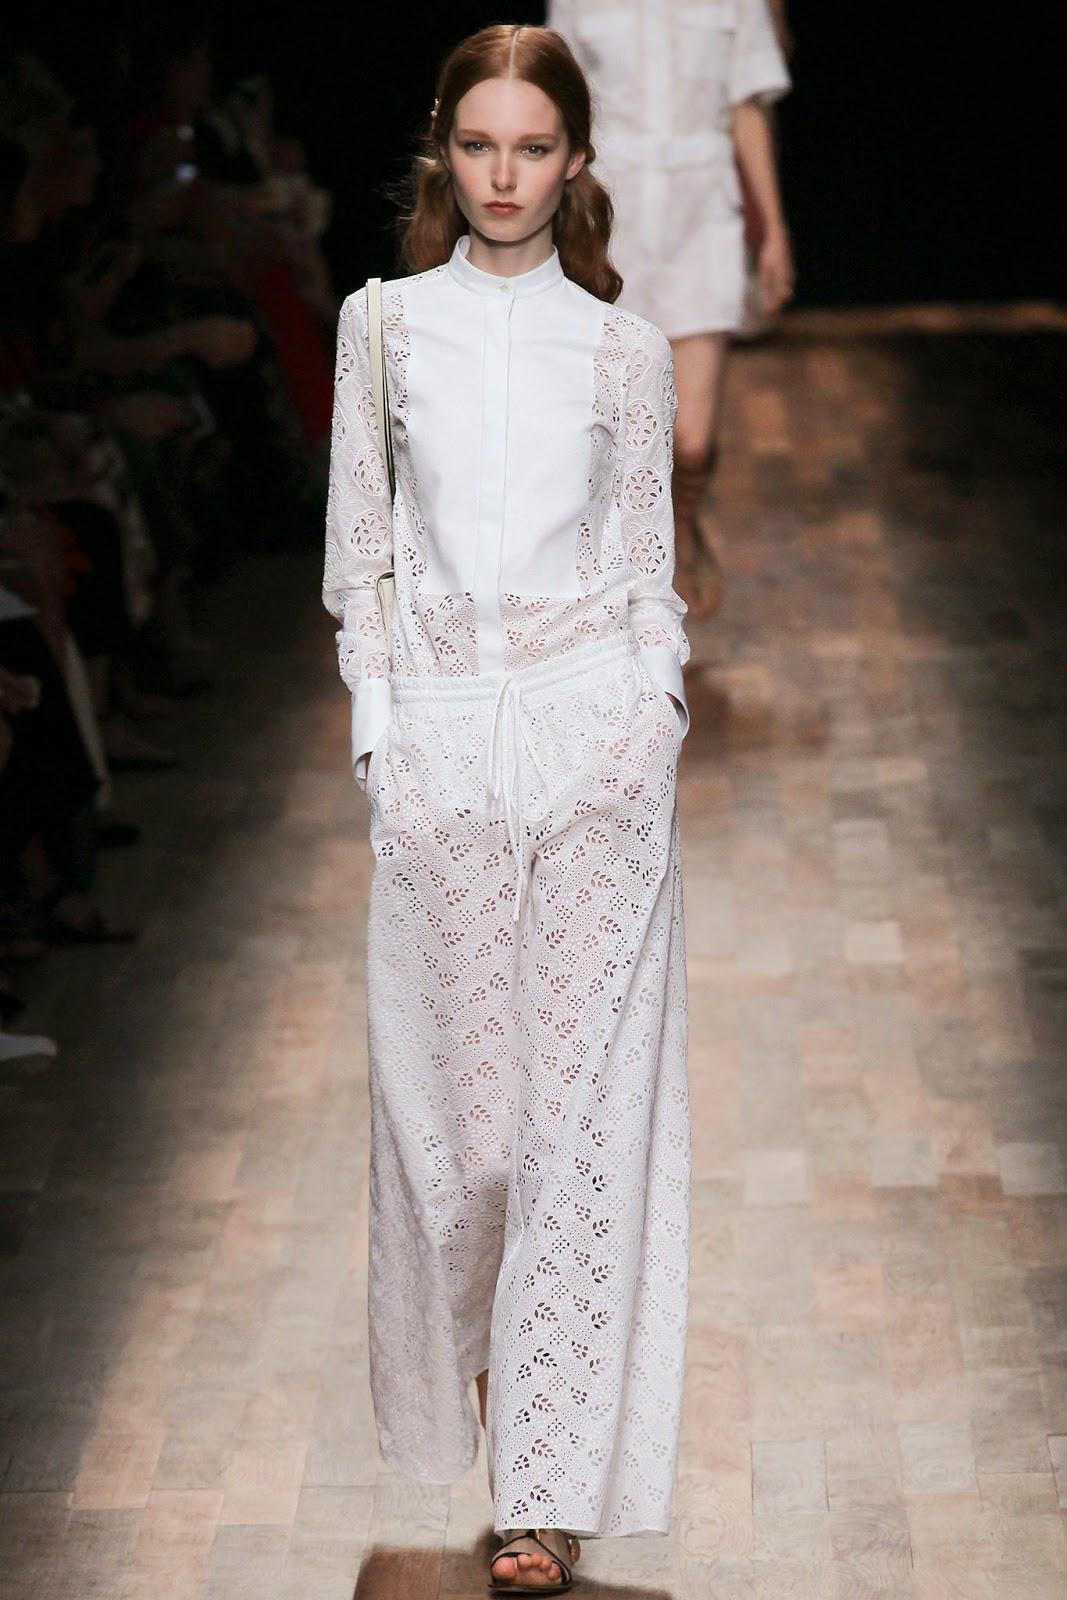 valentino 2015 summer 2016 trend women dress32 Valentino 2015 samling, våren sommaren 2016 Valentino klänning modeller, Valentino kväll klänning nya säsongen kvinnors kjolar modeller